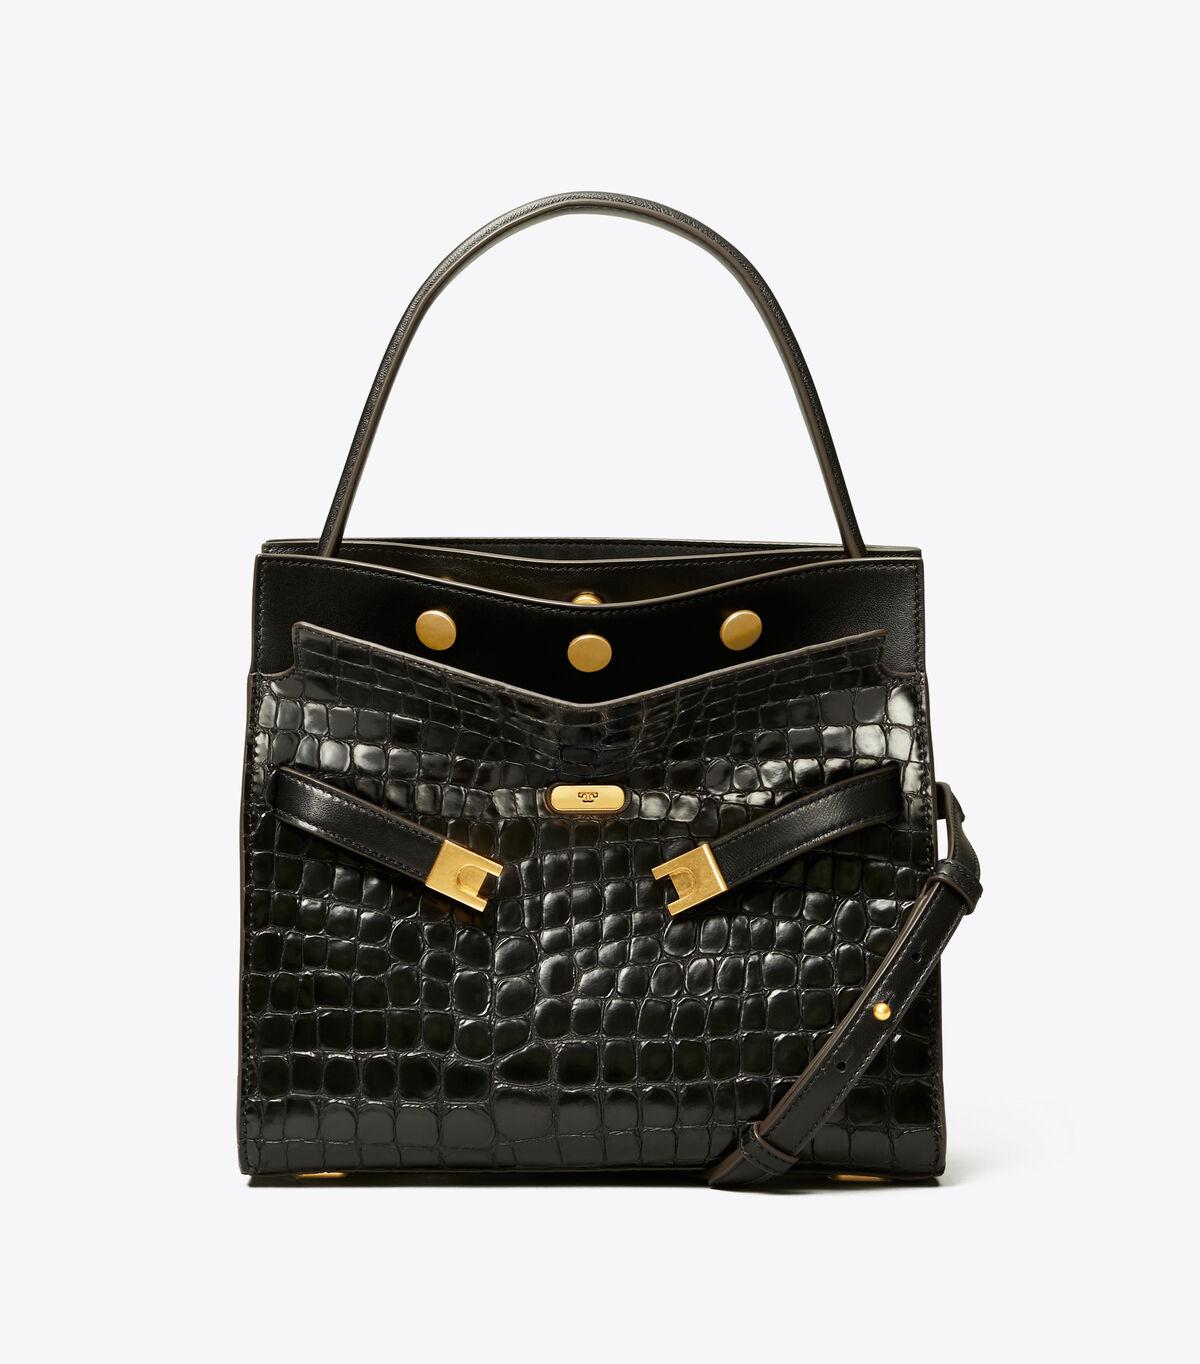 حقيبة مزدوجة لي رادزيويل صغيرة مزخرفة 001   حقائب ساتشيل